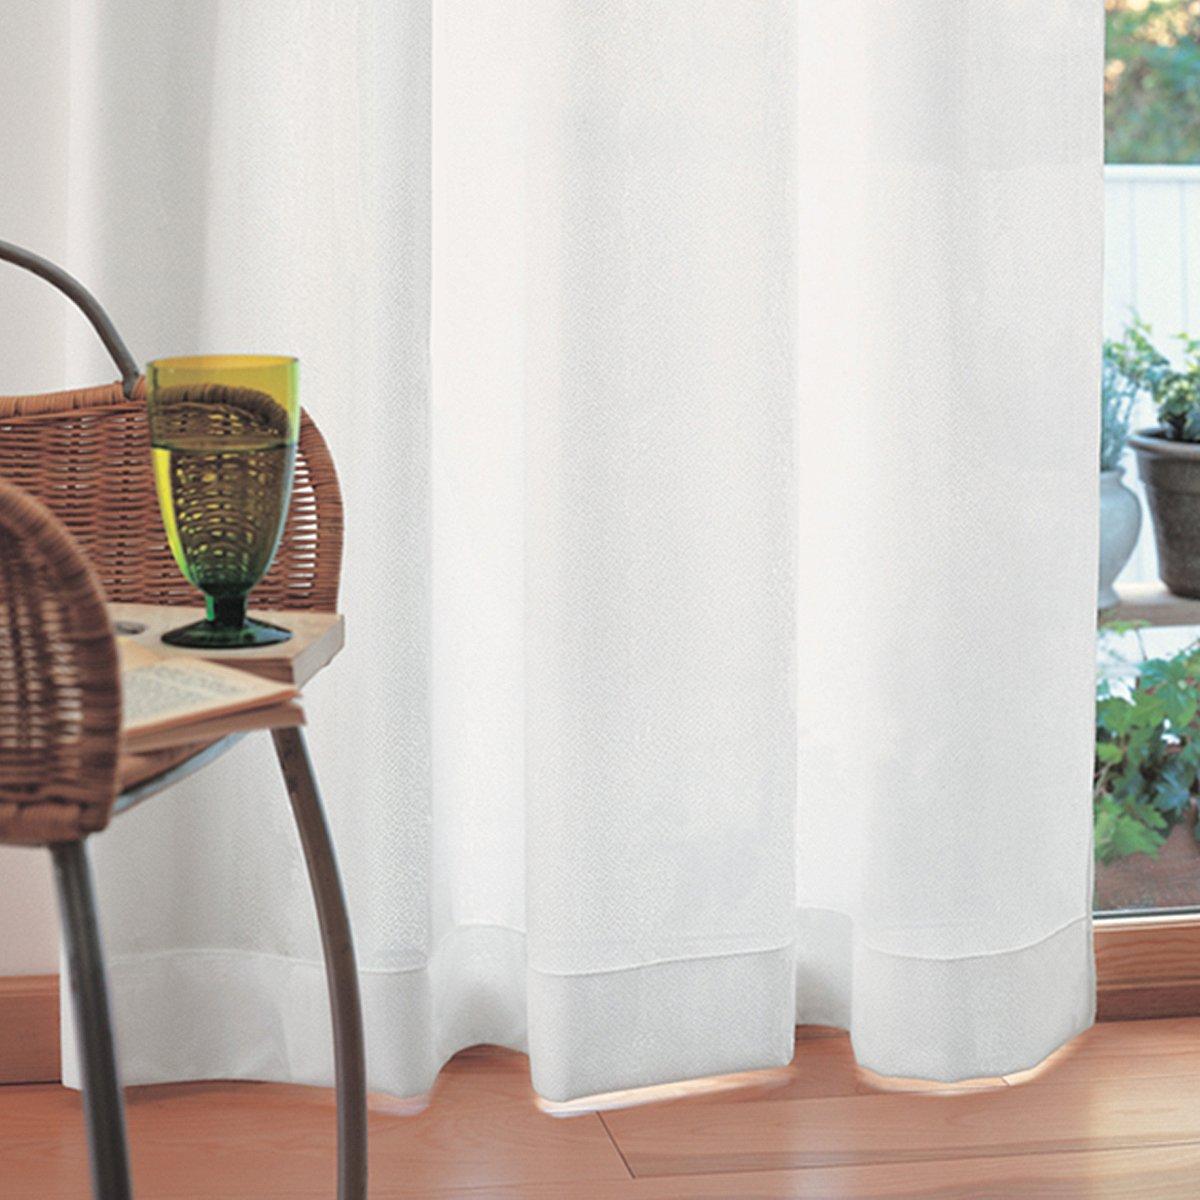 【 カーテンいらずの 高断熱 二重レースカーテン 】 2枚仕立て、しっかりとした厚みで 断熱 遮熱効果大 UVカット率99.3% 昼夜目隠し 「困った時はこれ一枚」 色:ホワイト サイズ:125×208cm×2枚組/Aフック  (レースカーテン 遮熱 レースカーテン ミラー) 125×208cm  ホワイト系 B00CEPP8O2 (幅)125×(丈)208cm×2枚入